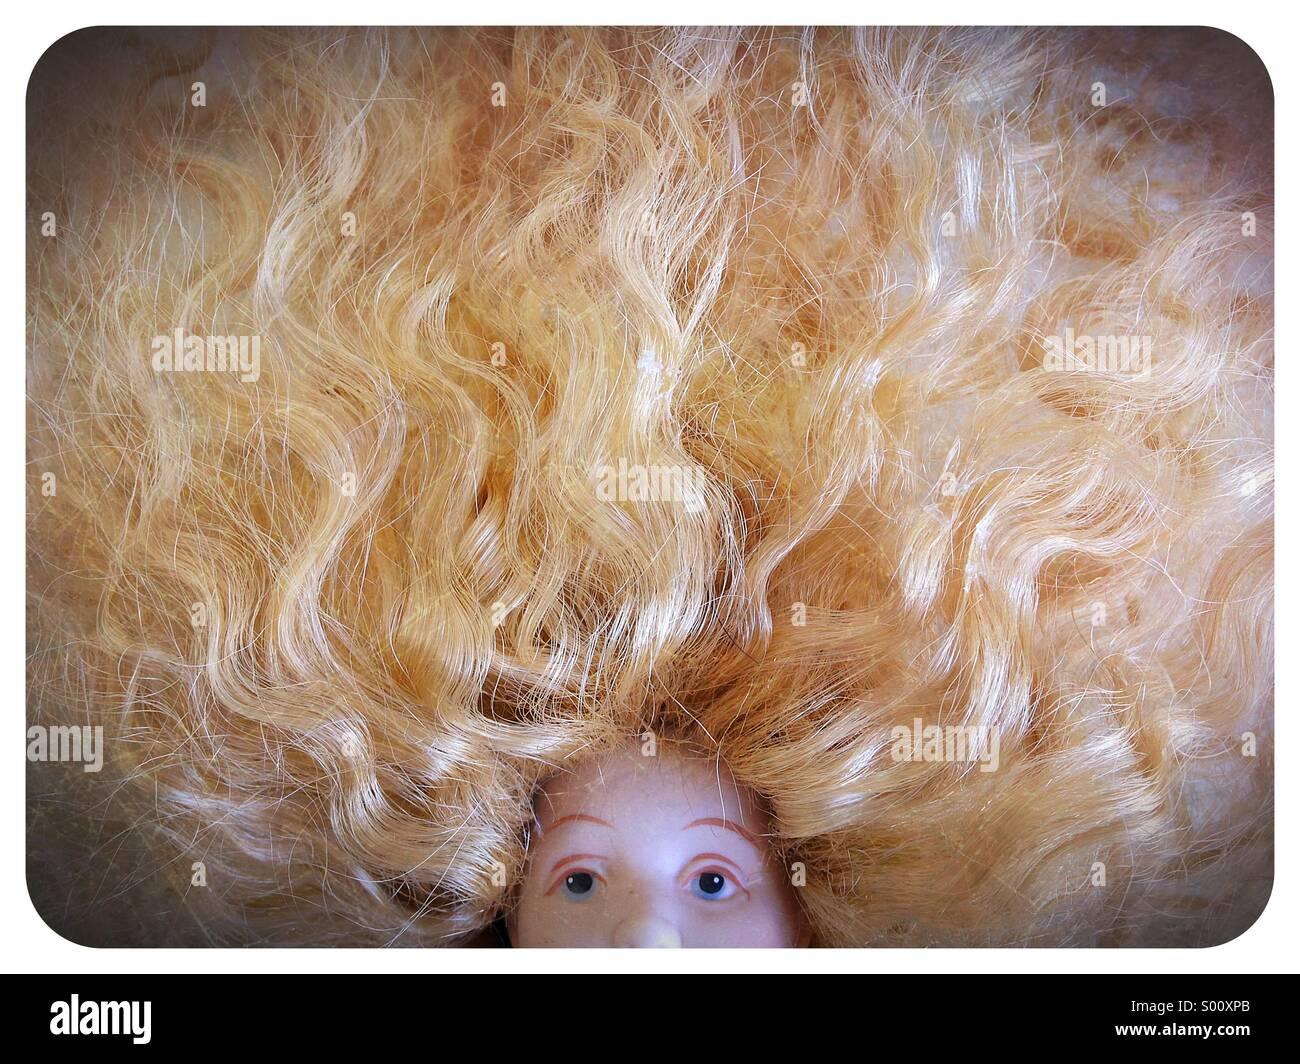 Eine Puppe mit viel Haar. Stockbild